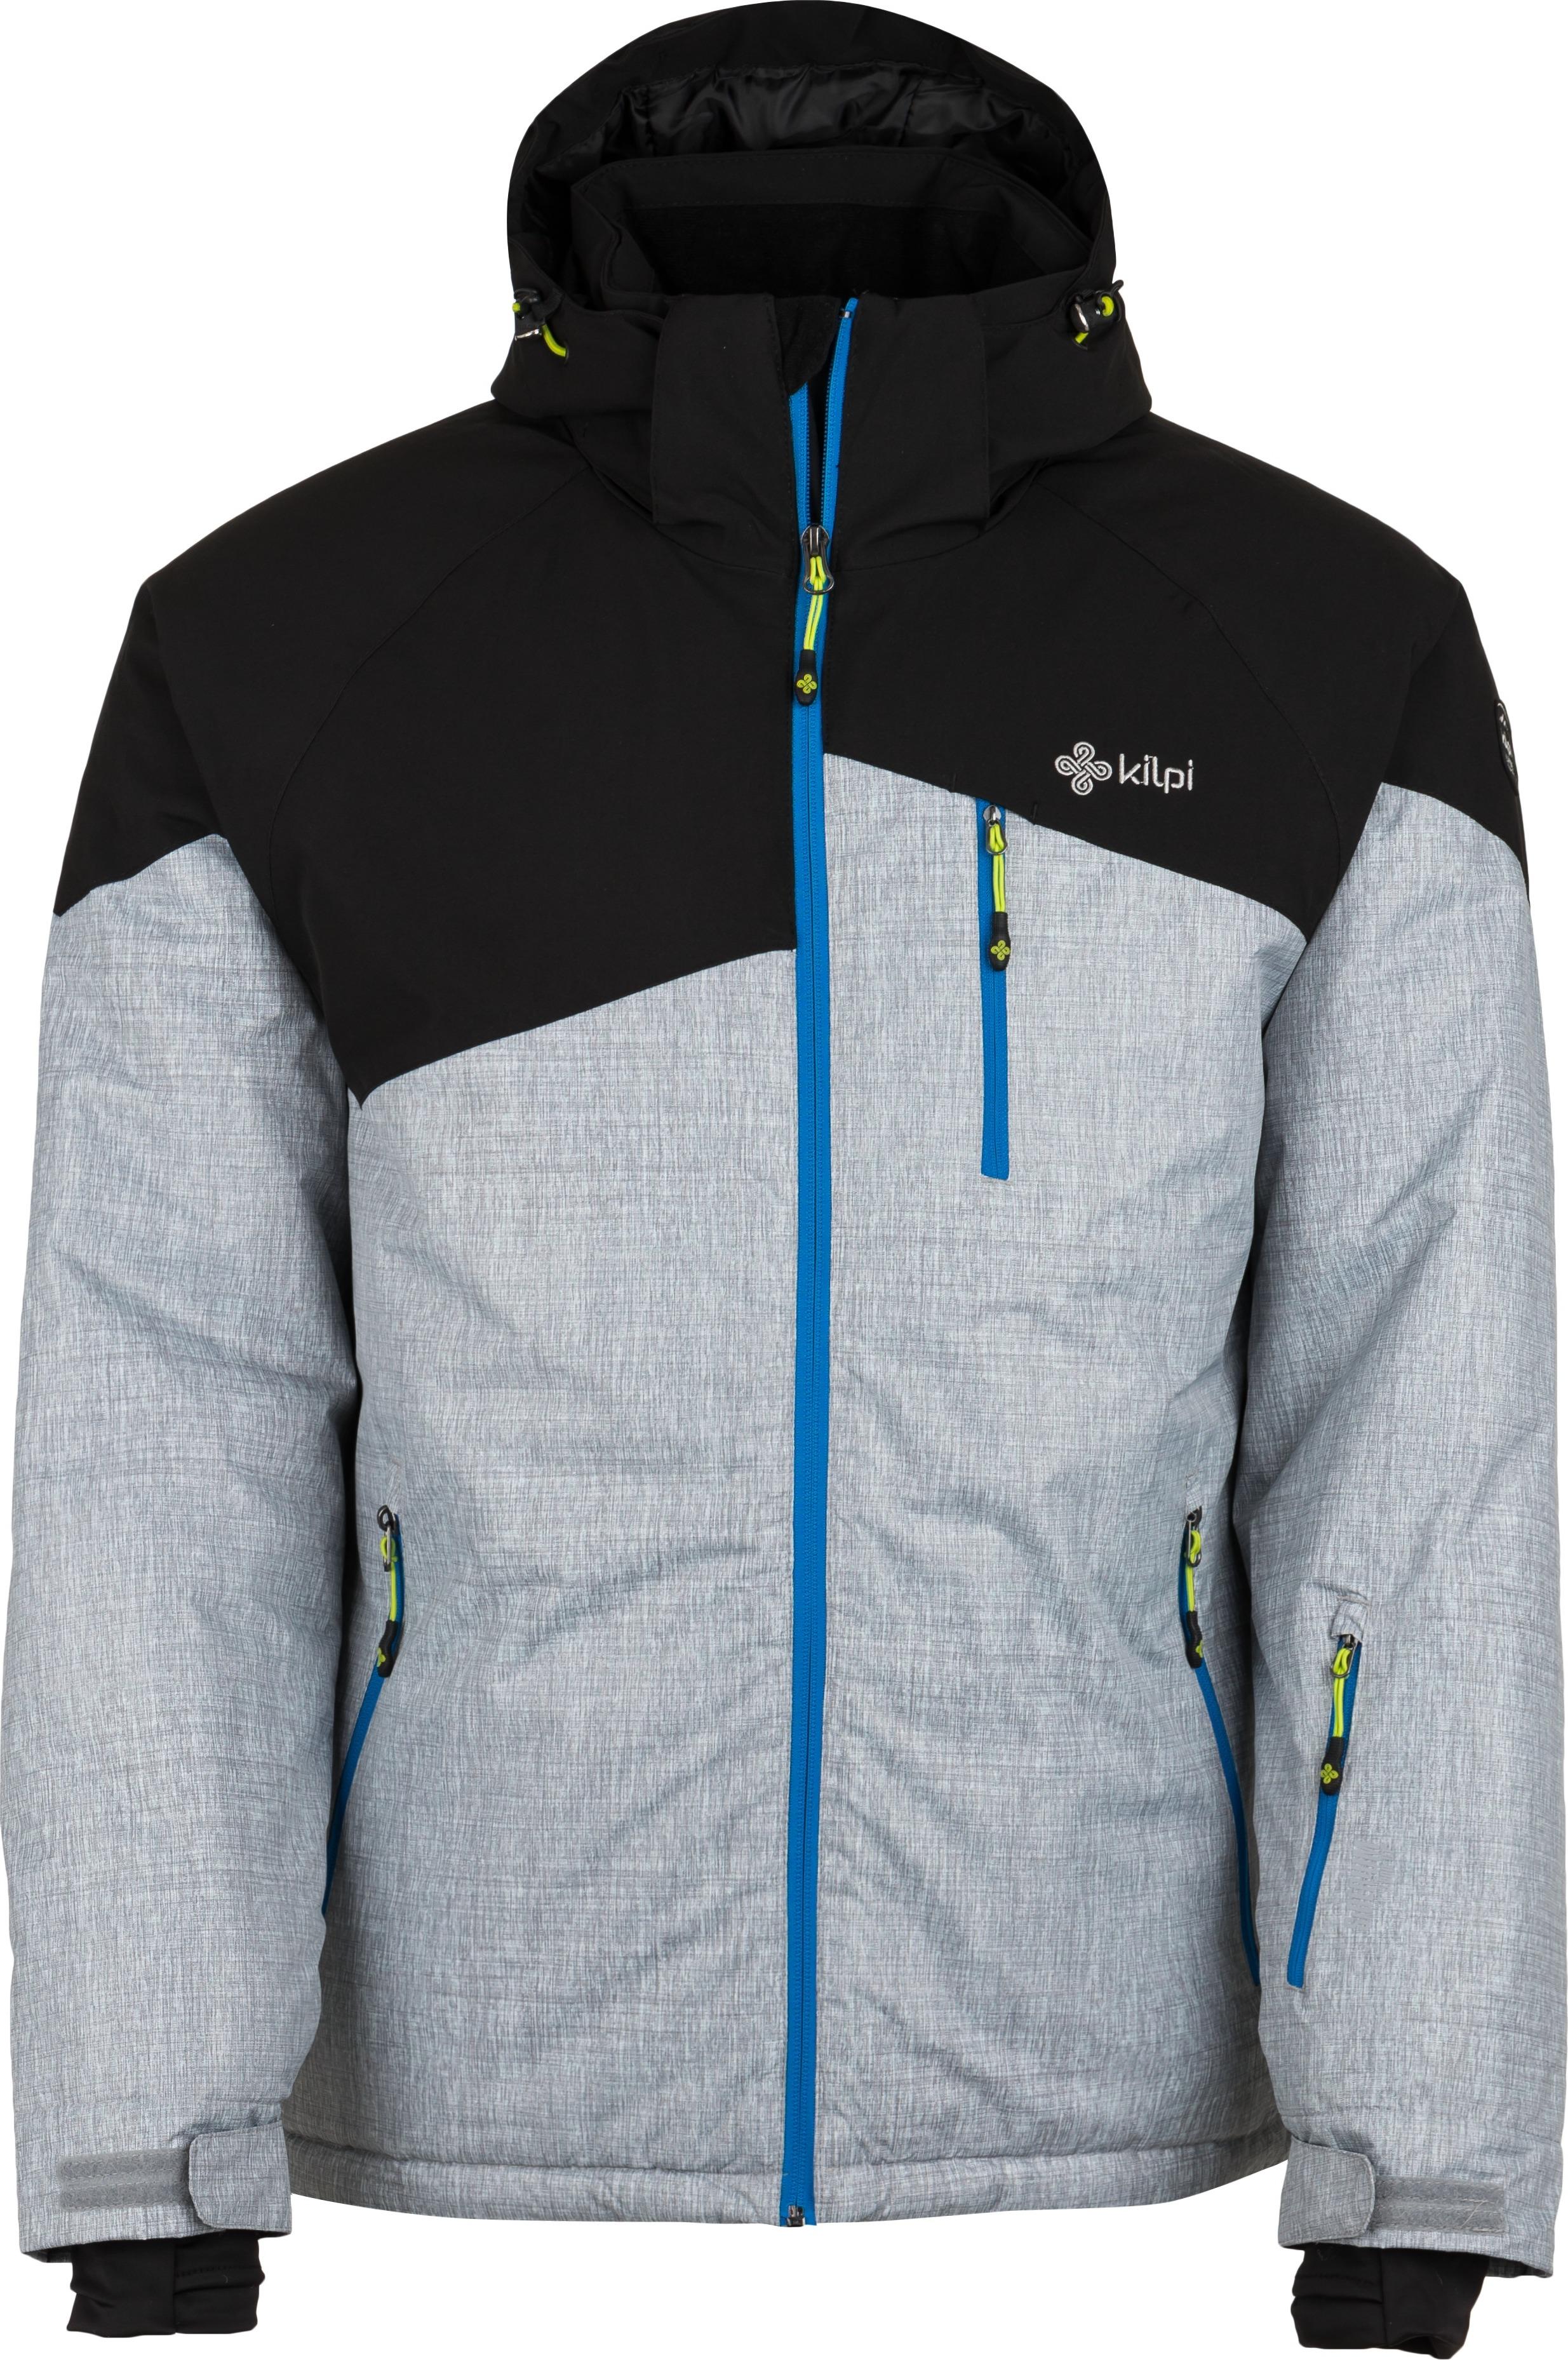 Pánská lyžařská bunda KILPI OLIVER-M světle šedá 18 Barva: Šedá, Velikost: L